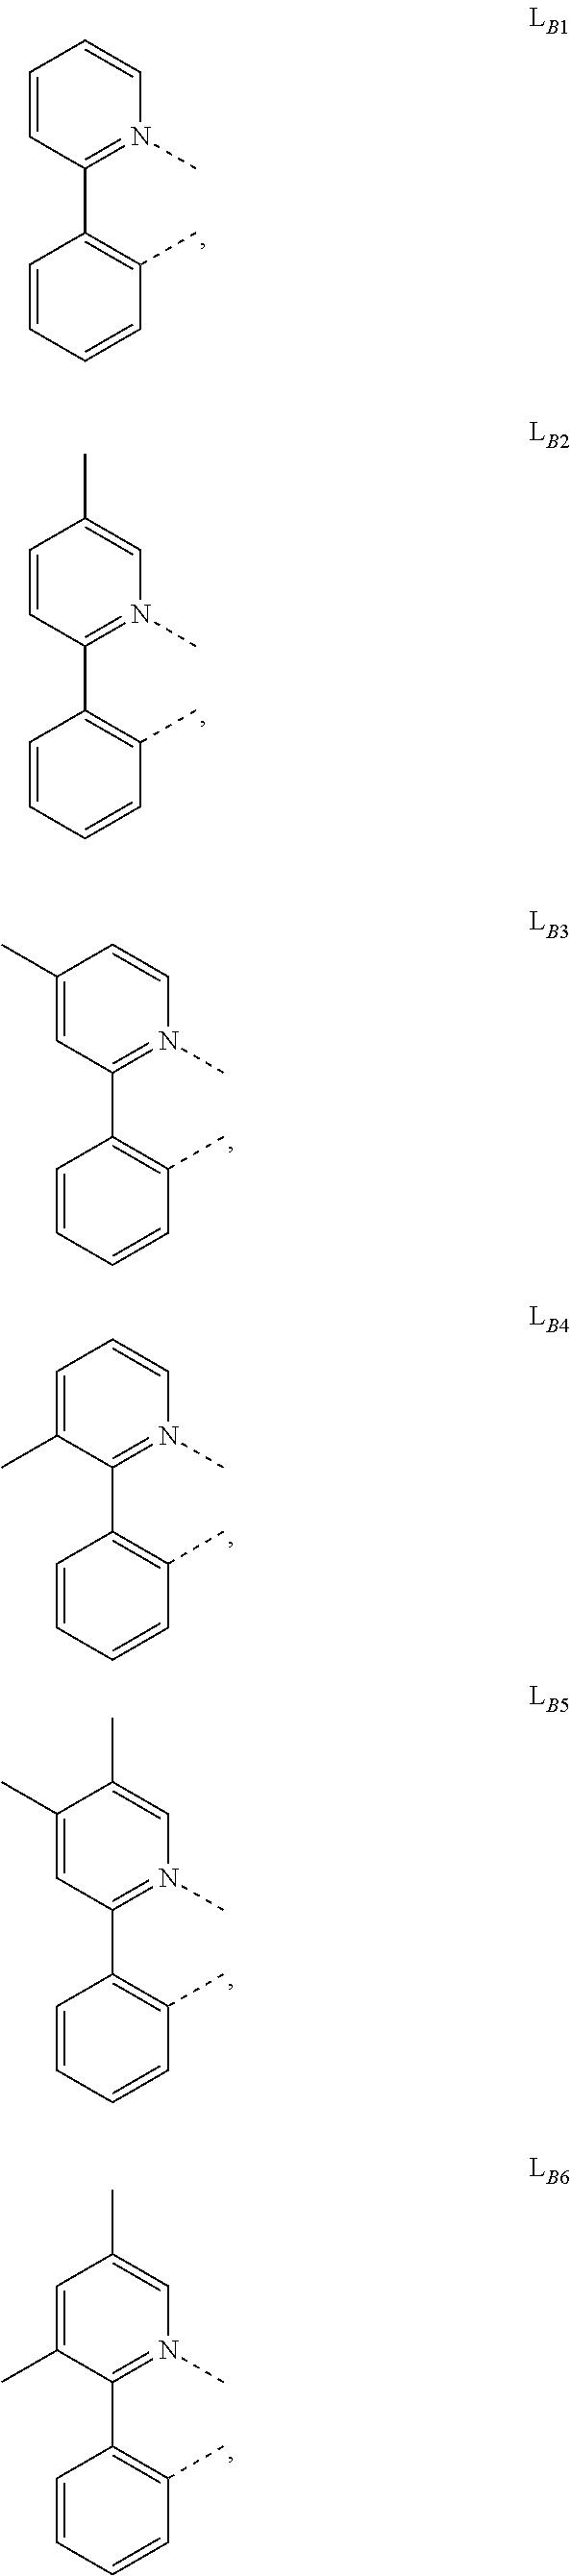 Figure US10003034-20180619-C00015